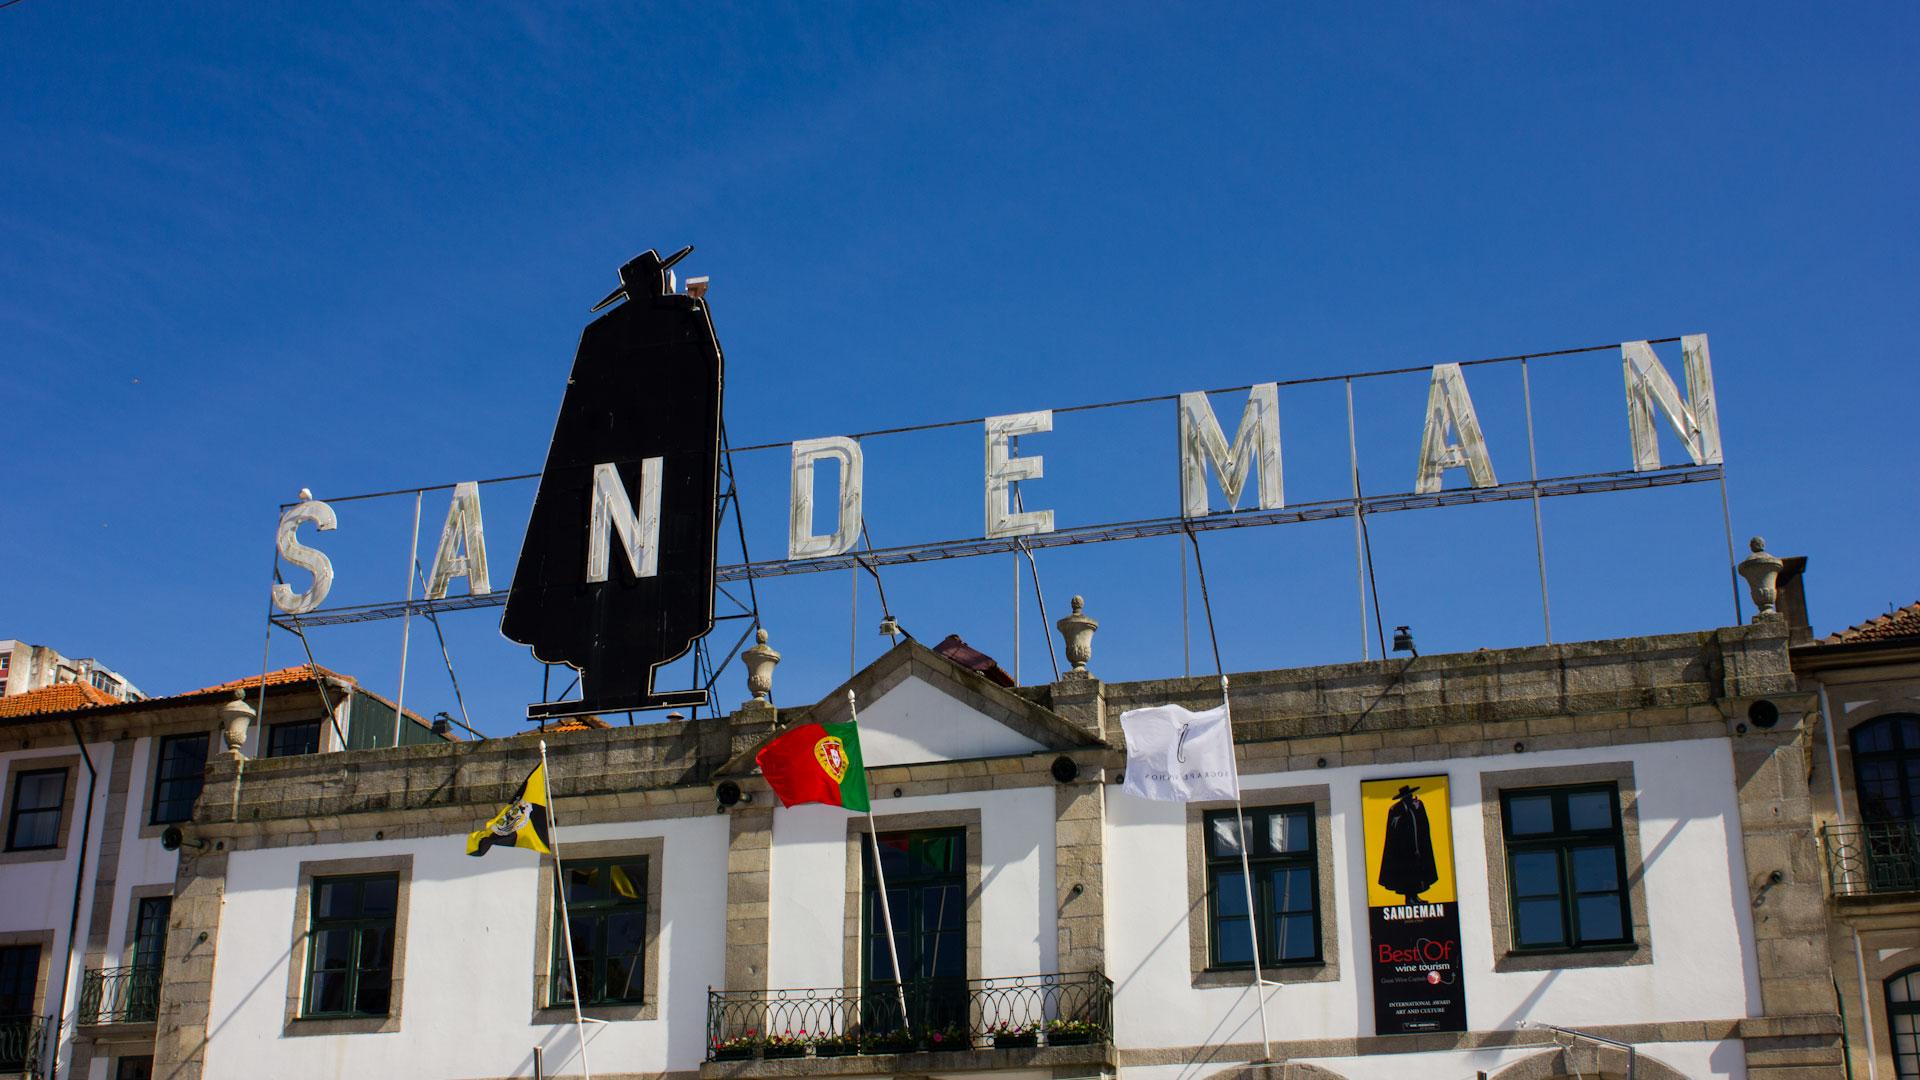 Sandeman port wine cellar Porto